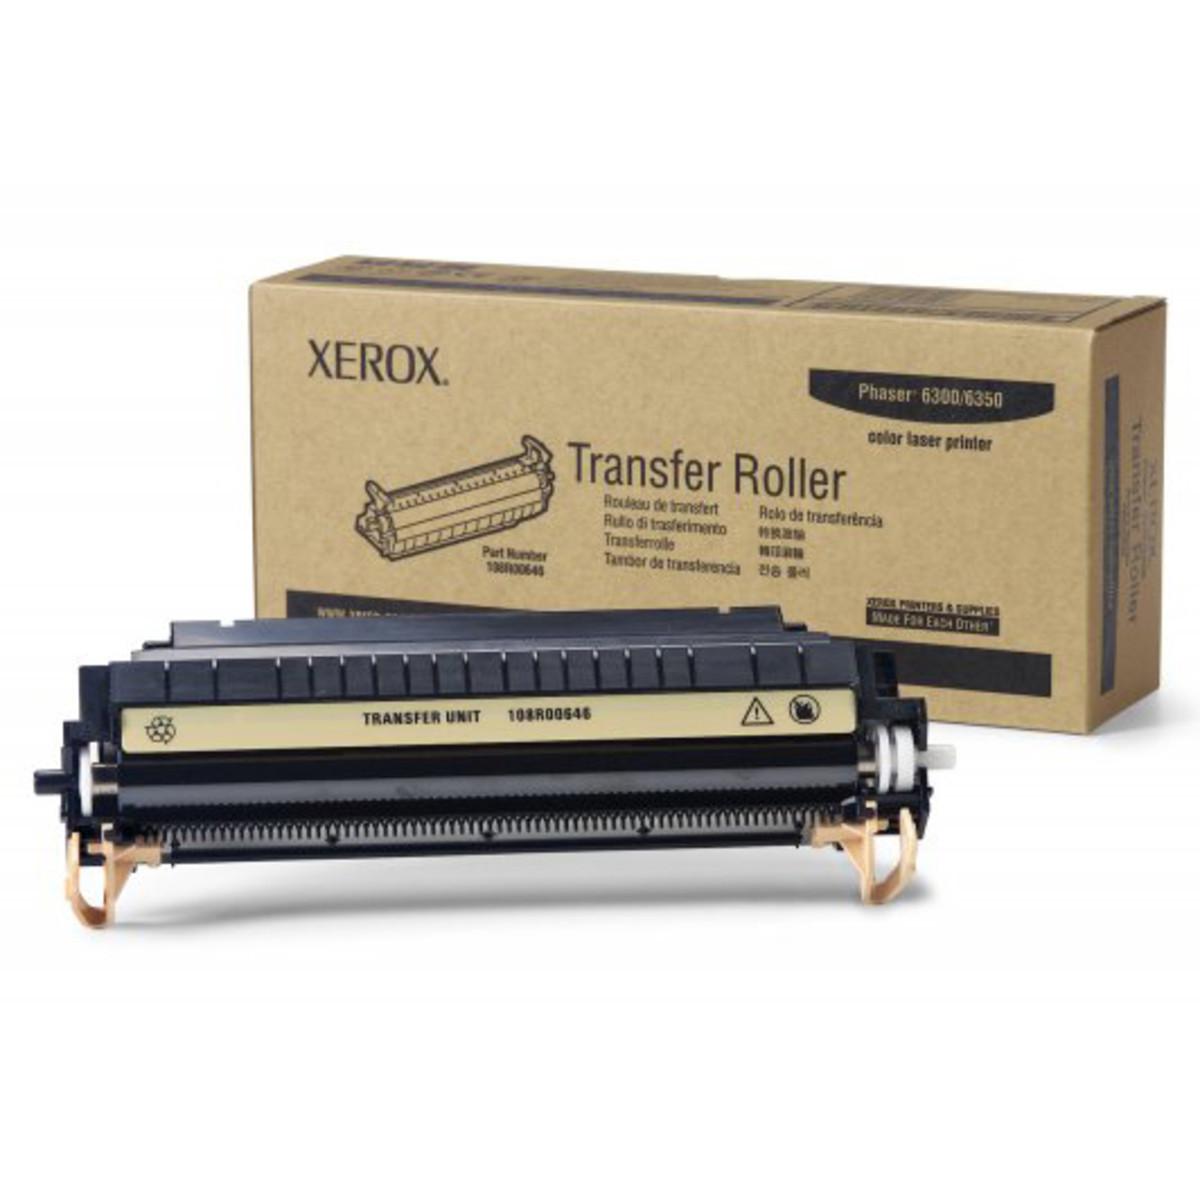 Xerox Phaser 6350 Transfer Roller